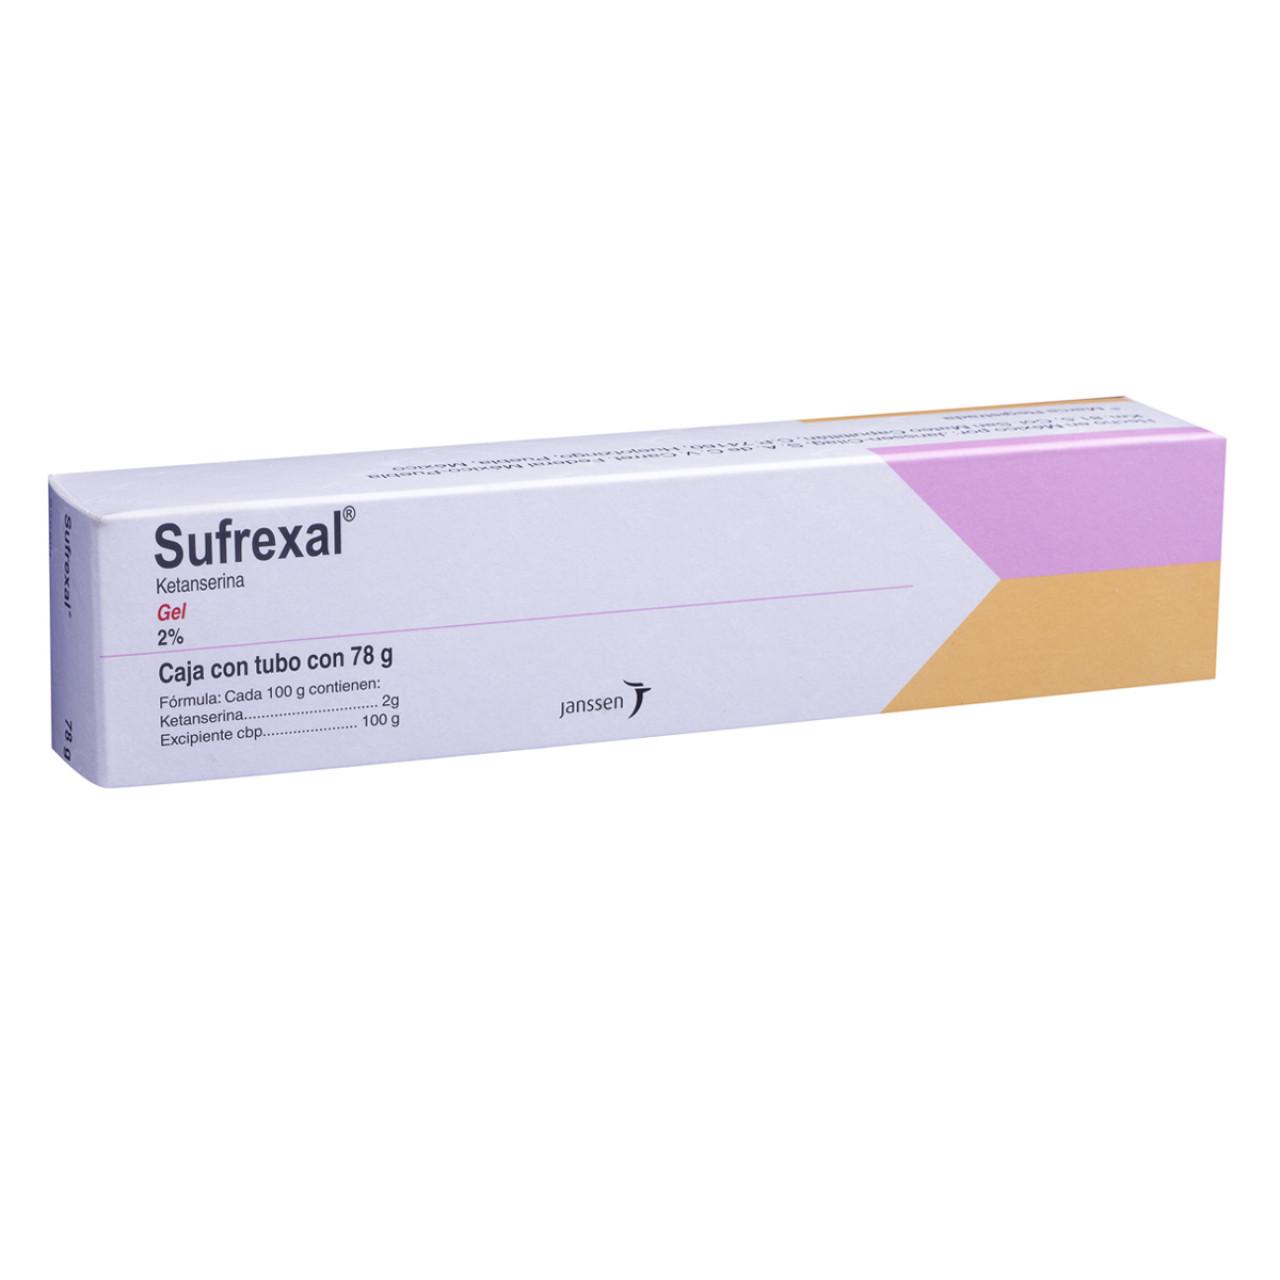 Sufrexal Para Qué Sirve Dosis Fórmula Y Genérico